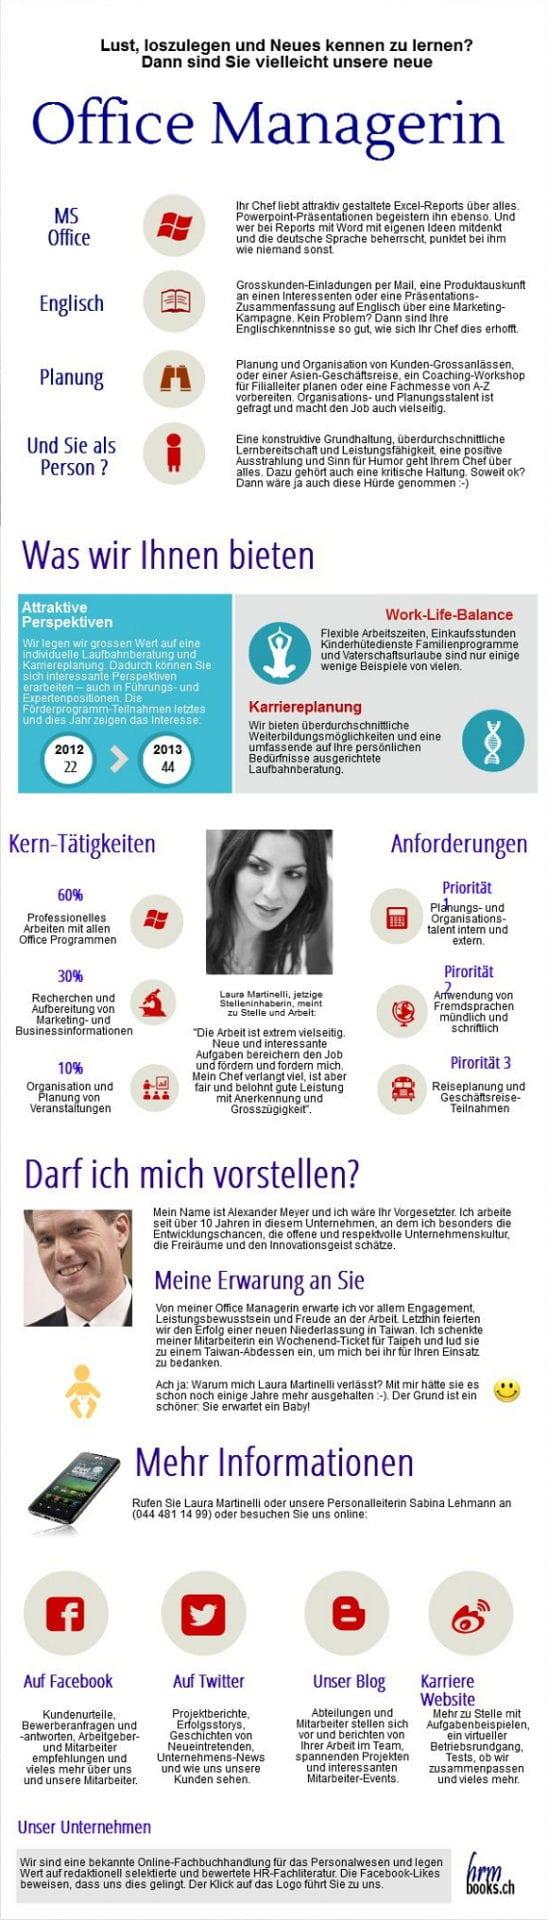 Charmant Ein Gutes Beispiel Für Einen Job Ideen - Entry Level Resume ...